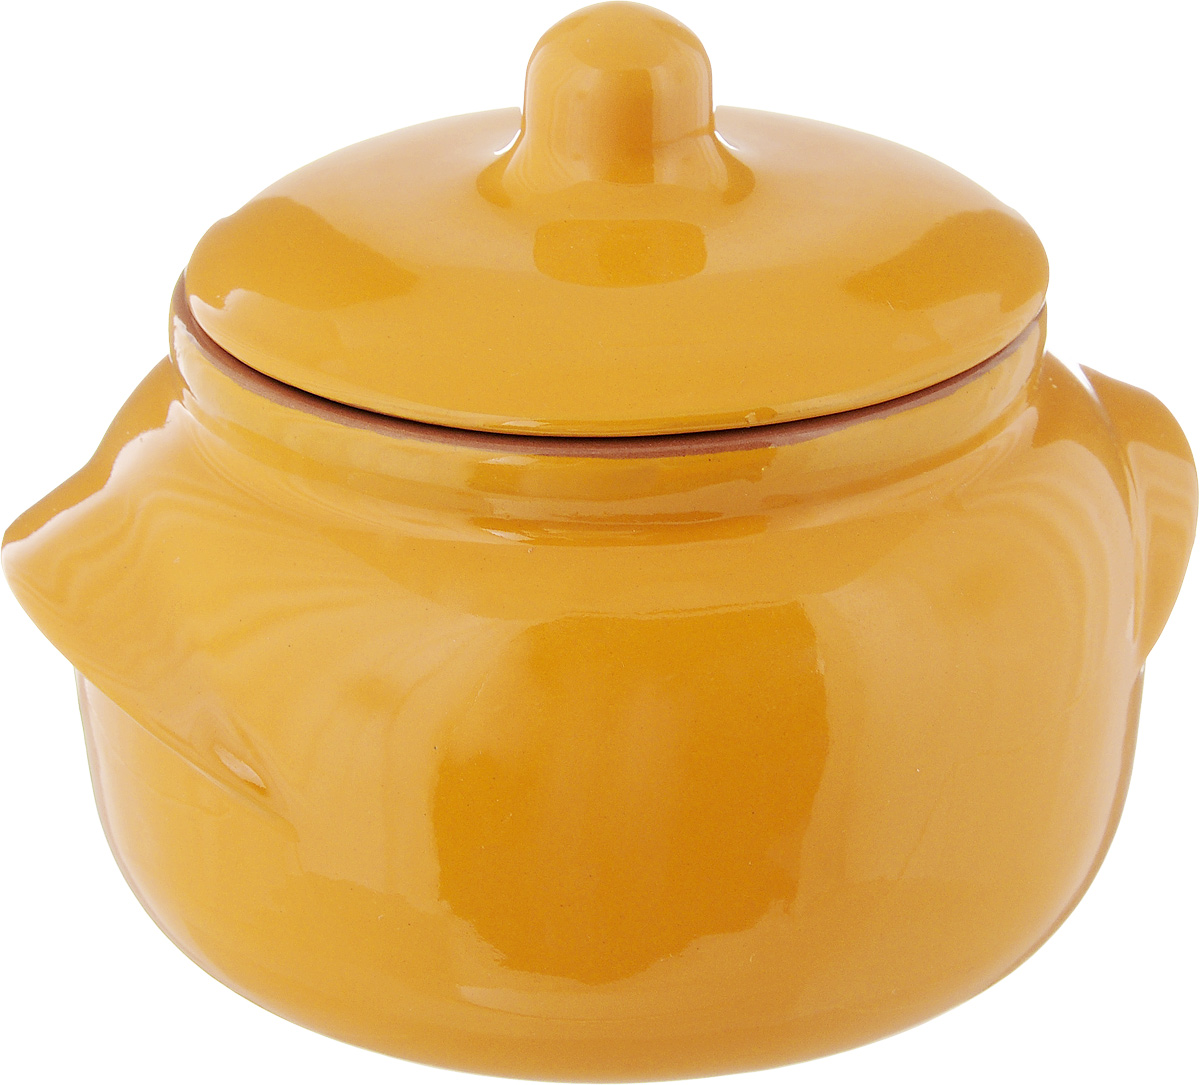 Горшочек для запекания Борисовская керамика Новарусса, цвет: желтый, 500 млРАД14457746_желтыйГоршочек для запекания Борисовская керамика Новарусса выполнен извысококачественной глины. Уникальные свойства красной глины итолстые стенки изделия обеспечивают эффект русской печи при приготовленииблюд. Блюда, приготовленные в таком горшочке, получаются нежными и сочными. Вы сможете приготовить мясо, сделать томленые овощи и все это безкапли масла. Это один из самых здоровых способов готовки.Диаметр горшка (по верхнему краю): 10 см.Высота стенок: 8 см.